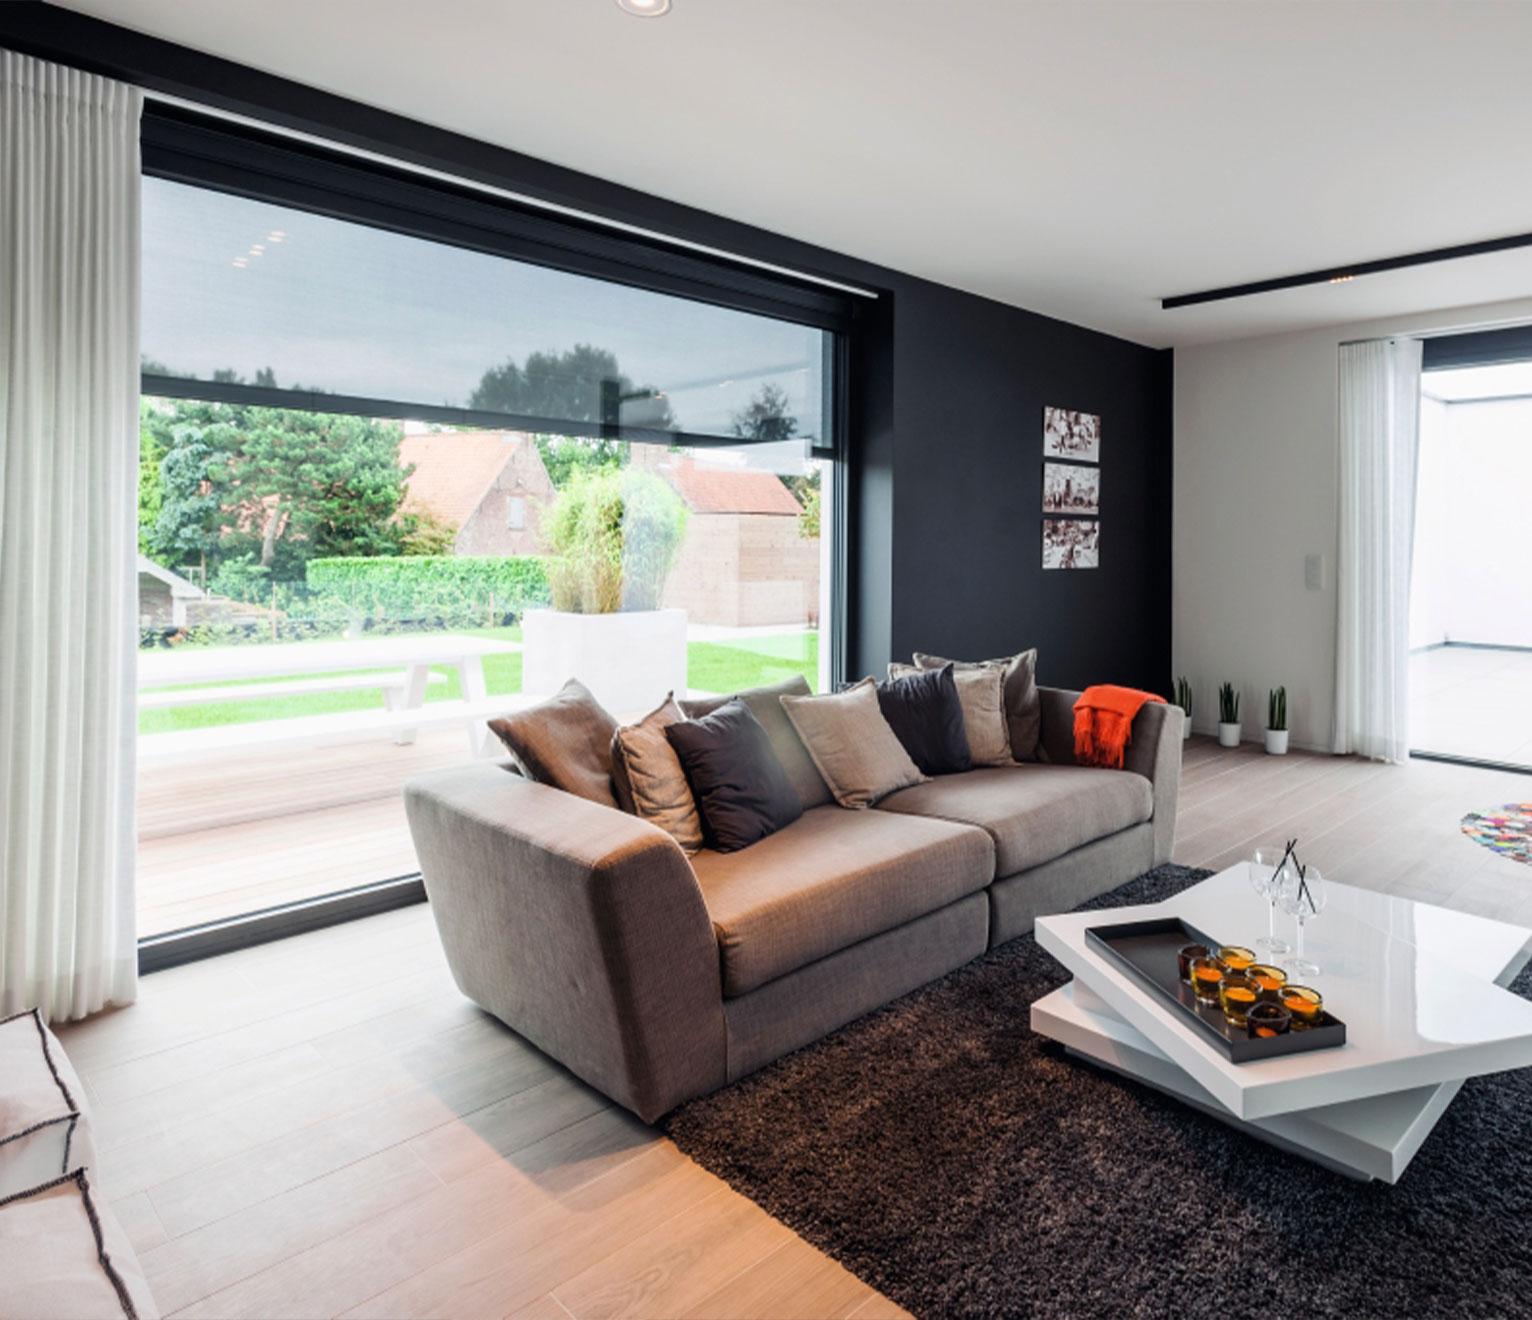 Le Fixscreen de Renson protège votre salon des rayons du soleil, préserve la fraîcheur intérieure et votre intimité tout en préservant la vue sur l'extérieur.